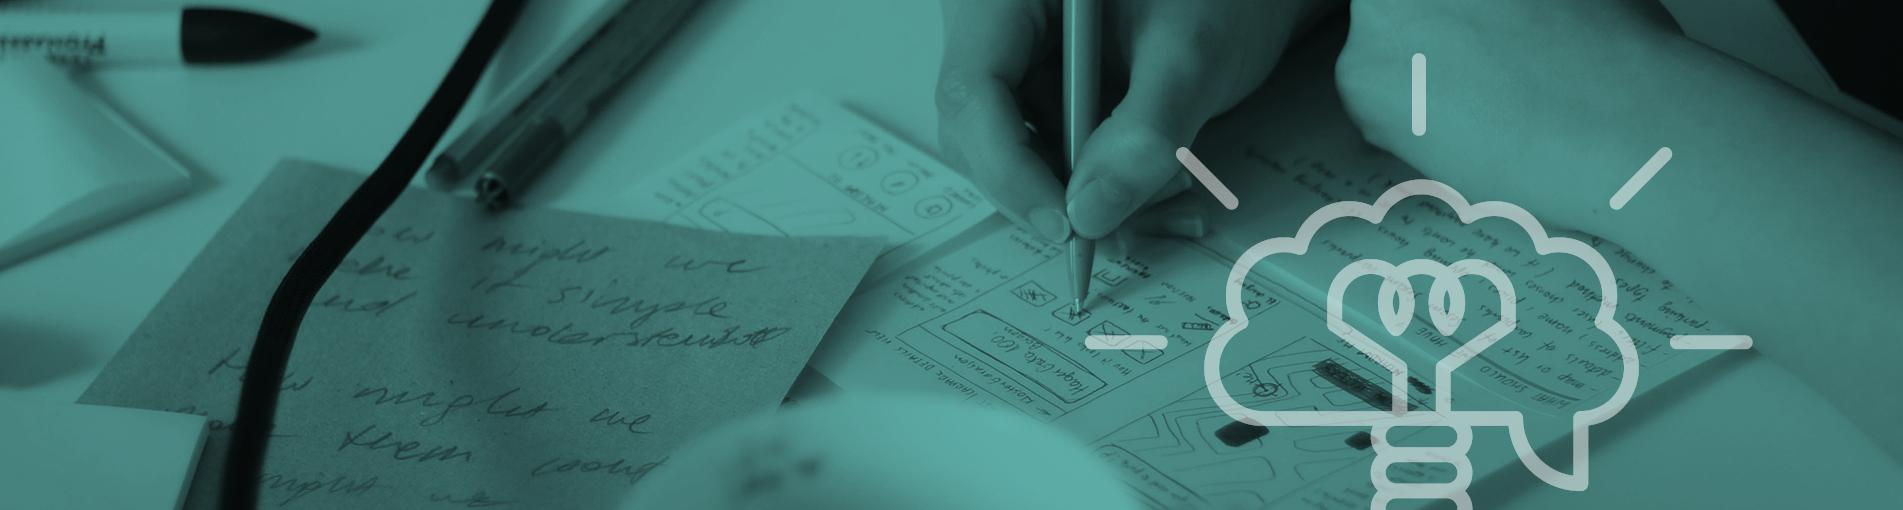 Creative workshops – Episode 2 – Starting the workshop